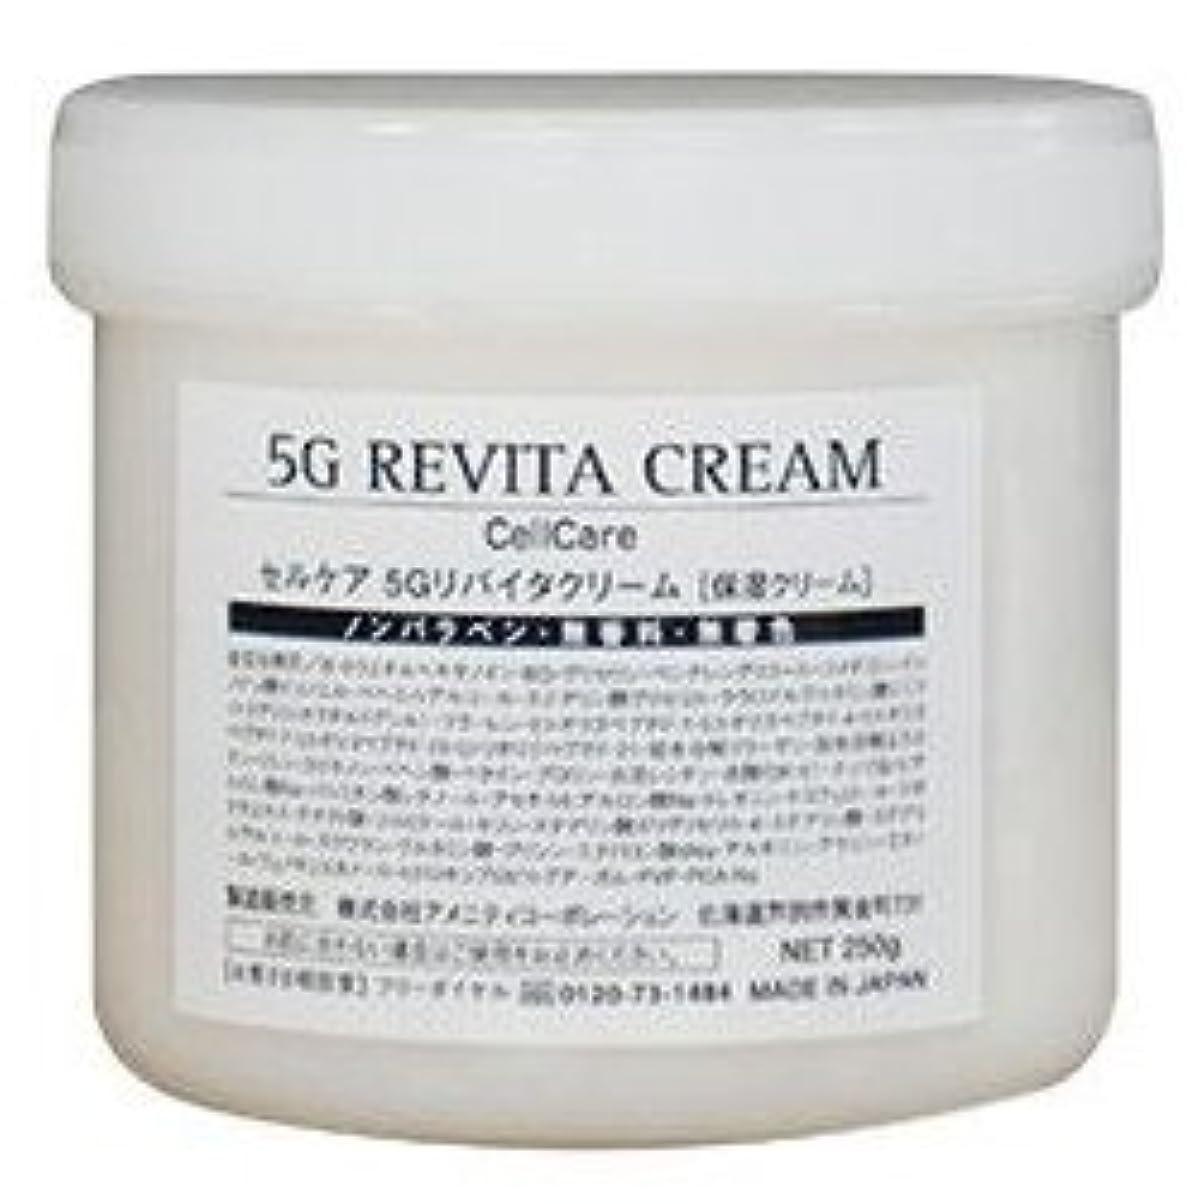 全滅させる驚下に向けますセルケアGF プレミアム 5Gリバイタルクリーム 保湿クリーム お徳用250g